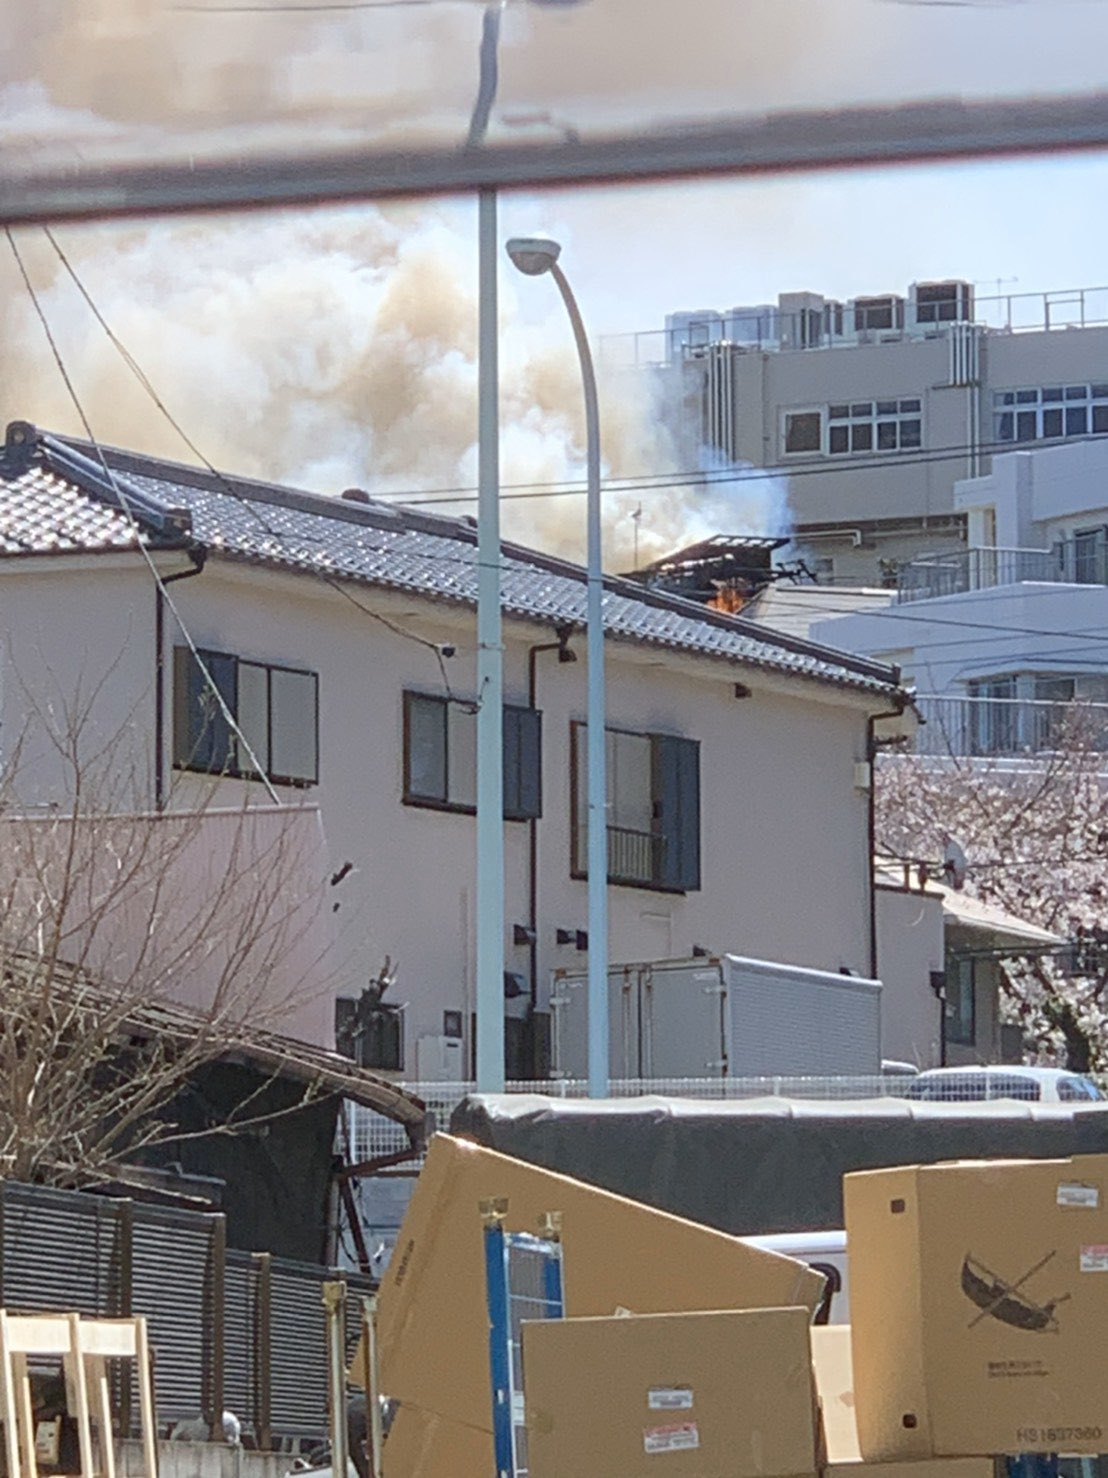 赤羽駅付近の建物で大きな火事が起きている画像